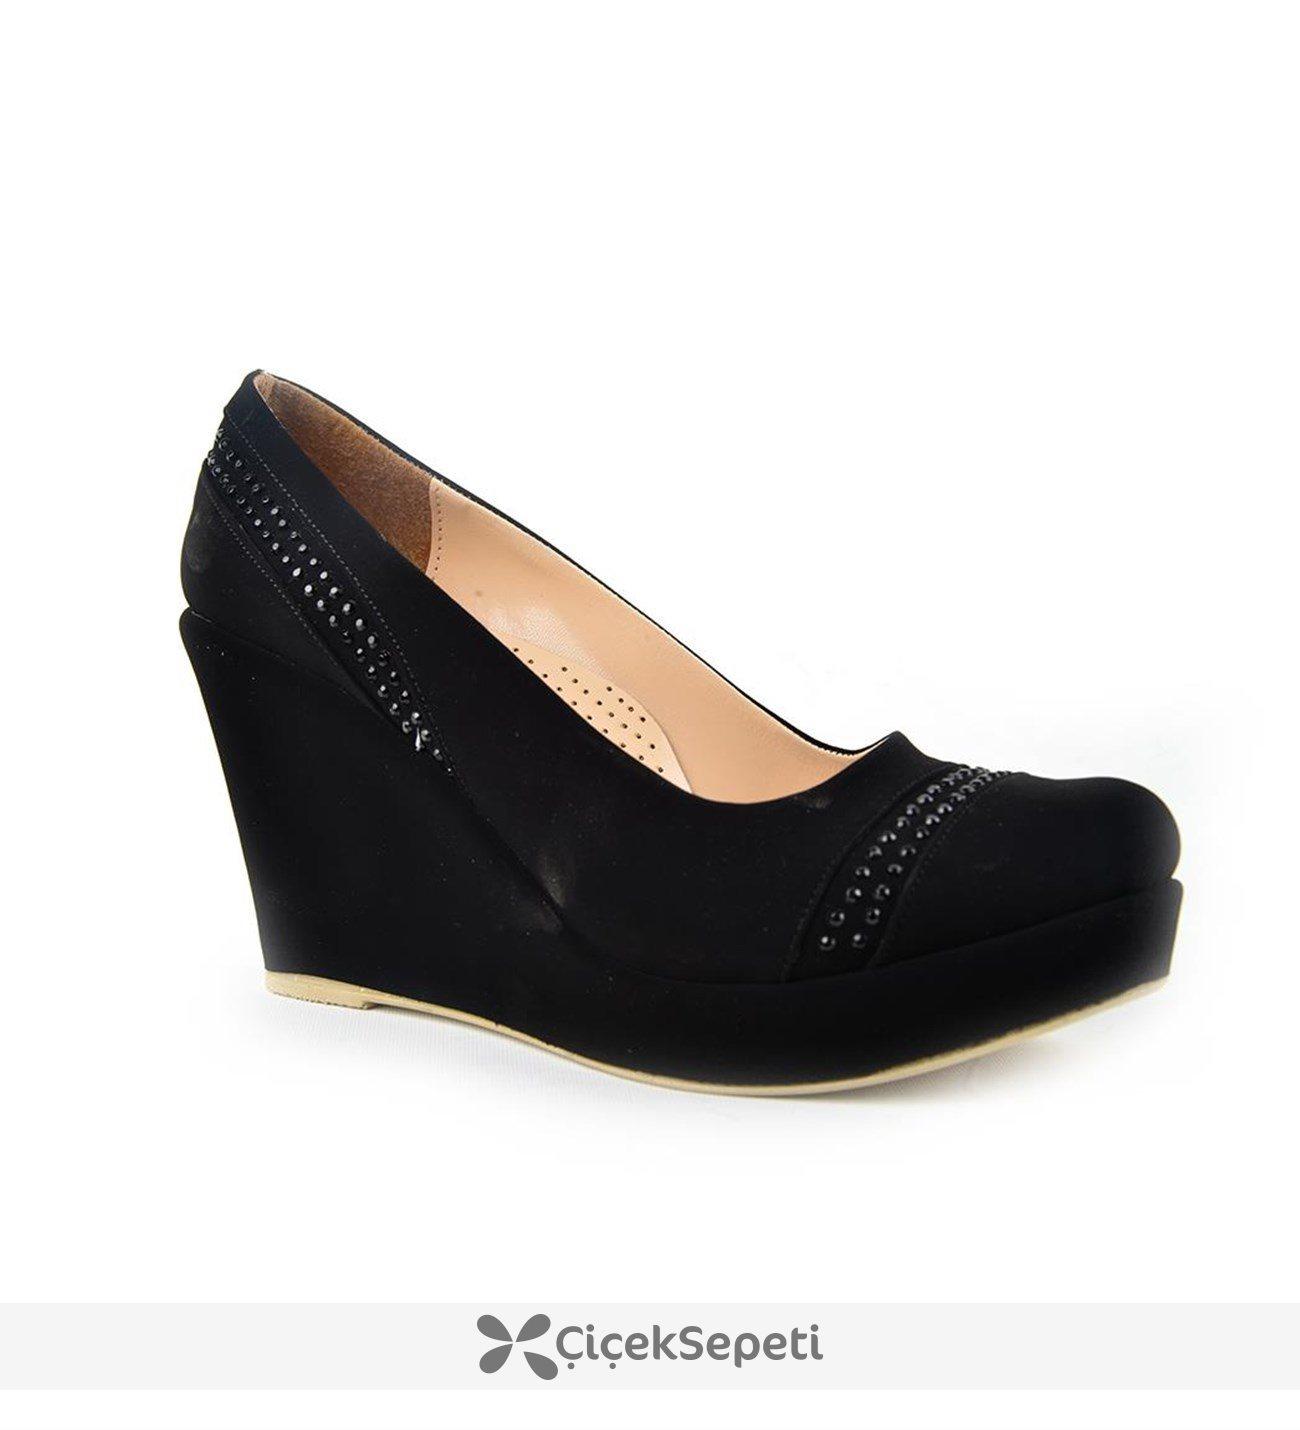 Kaplan 224 Zn 9 Cm Süet Dolgu Topuk Bayan Ayakkabı